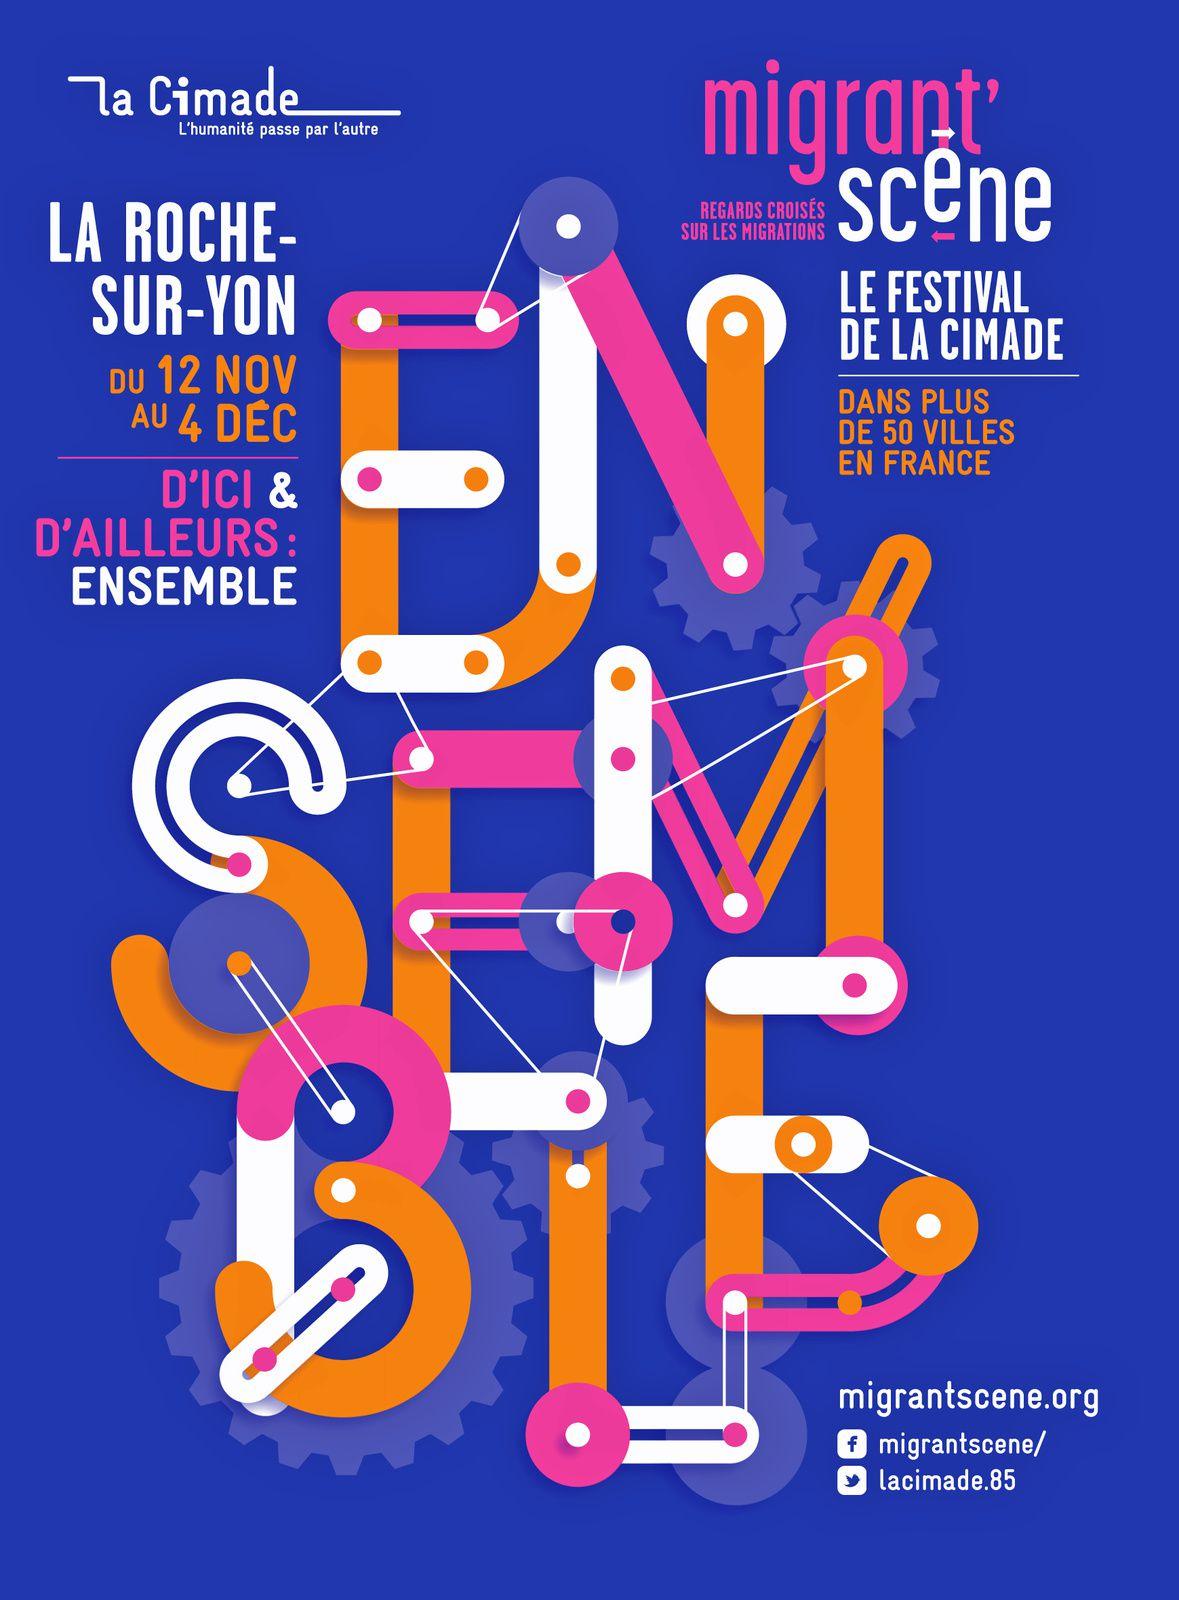 La Roche-sur-Yon. Festival Migrant'Scène du 12 novembre au 4 décembre 2016